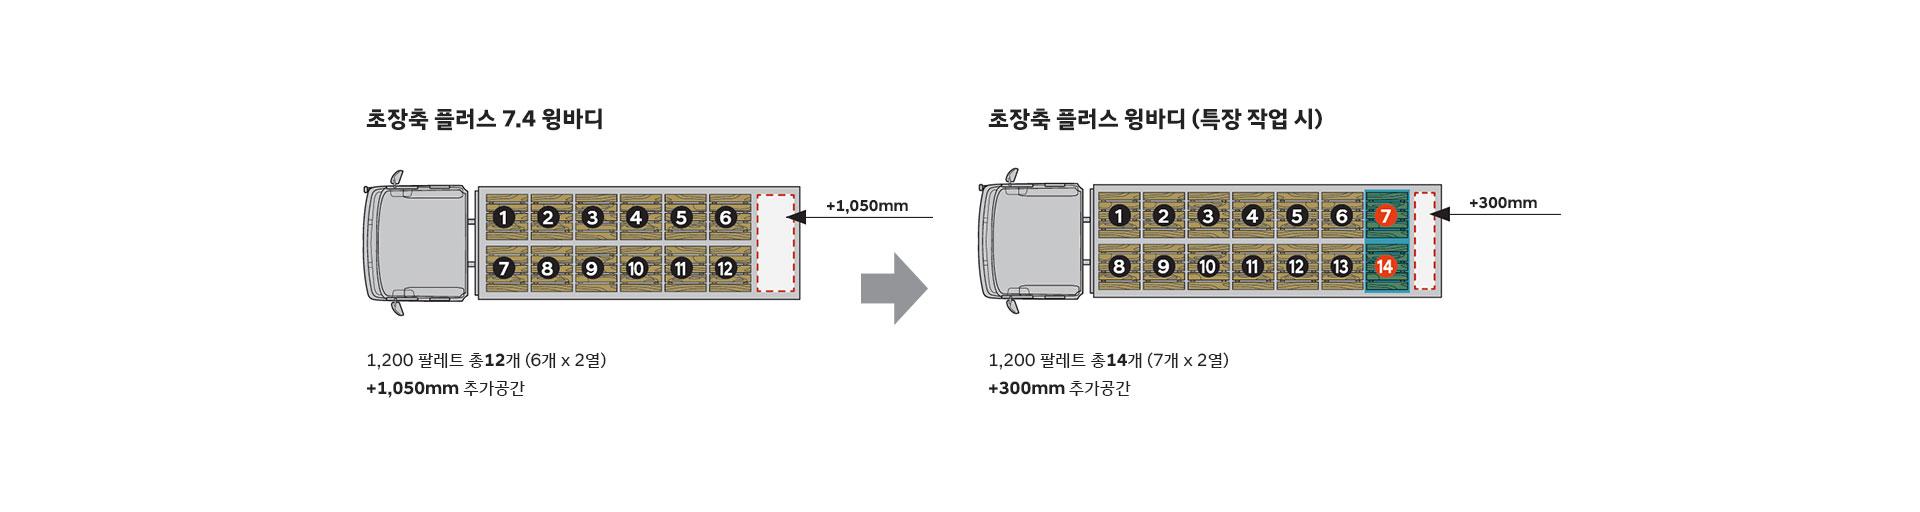 초장축 플러스 7.4 윙바디 : 1,200 팔레트 총 12개(6개x2열)+1,050mm 추가공간 / 초장축 플러스 윙바디(특장 작업 시) : 1,200 팔레트 총 14개(7개x2열) +300mm 추가공간